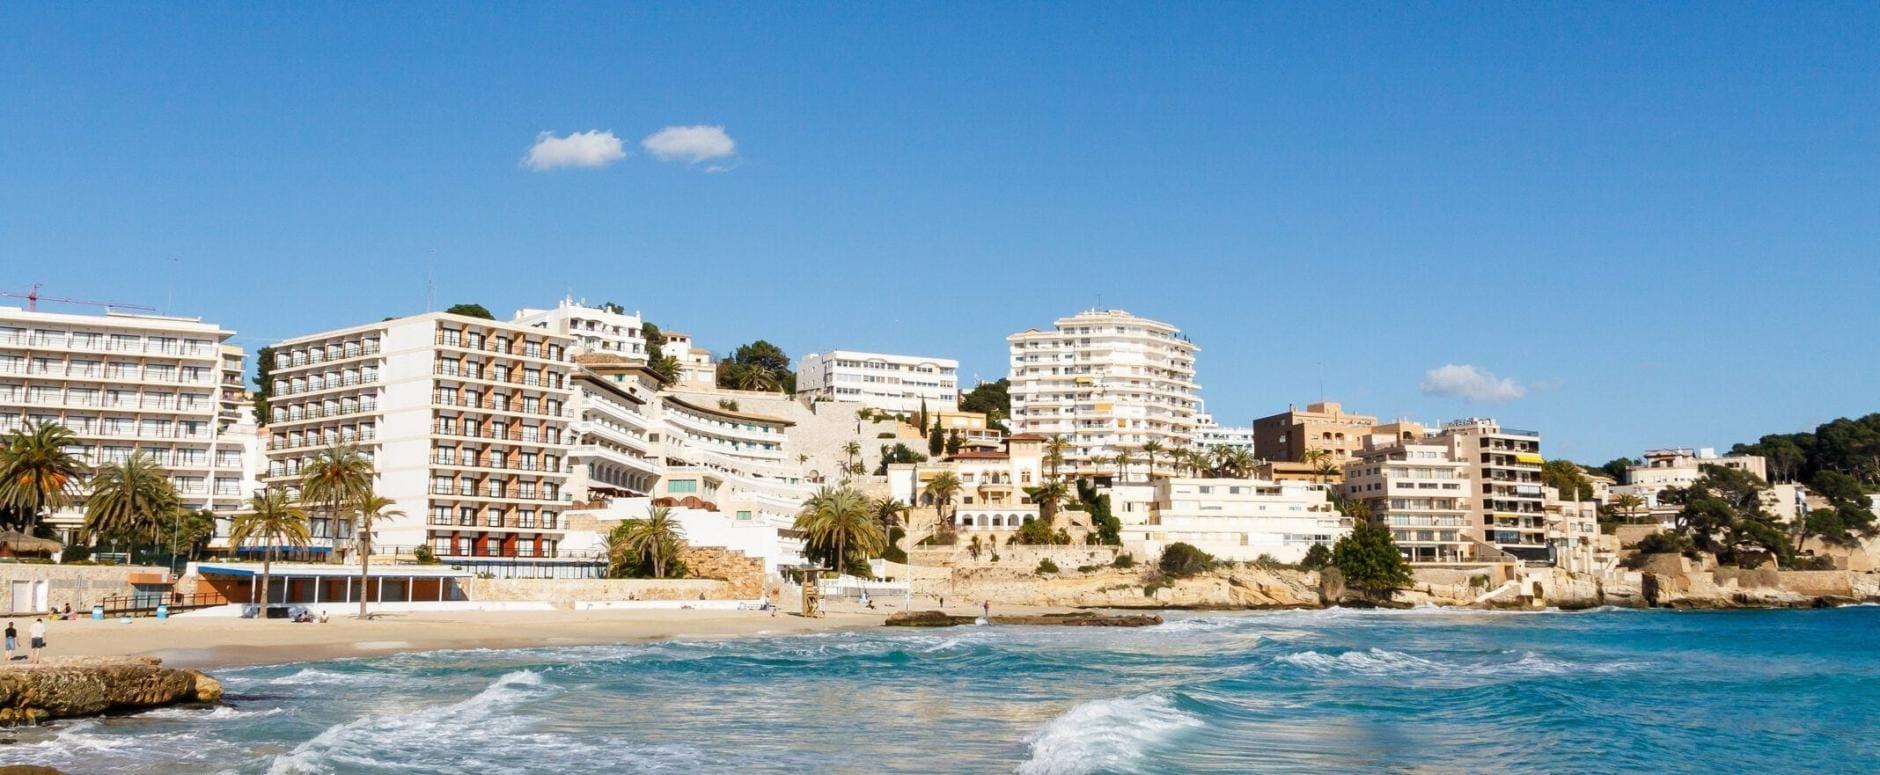 Cala Major Mallorca